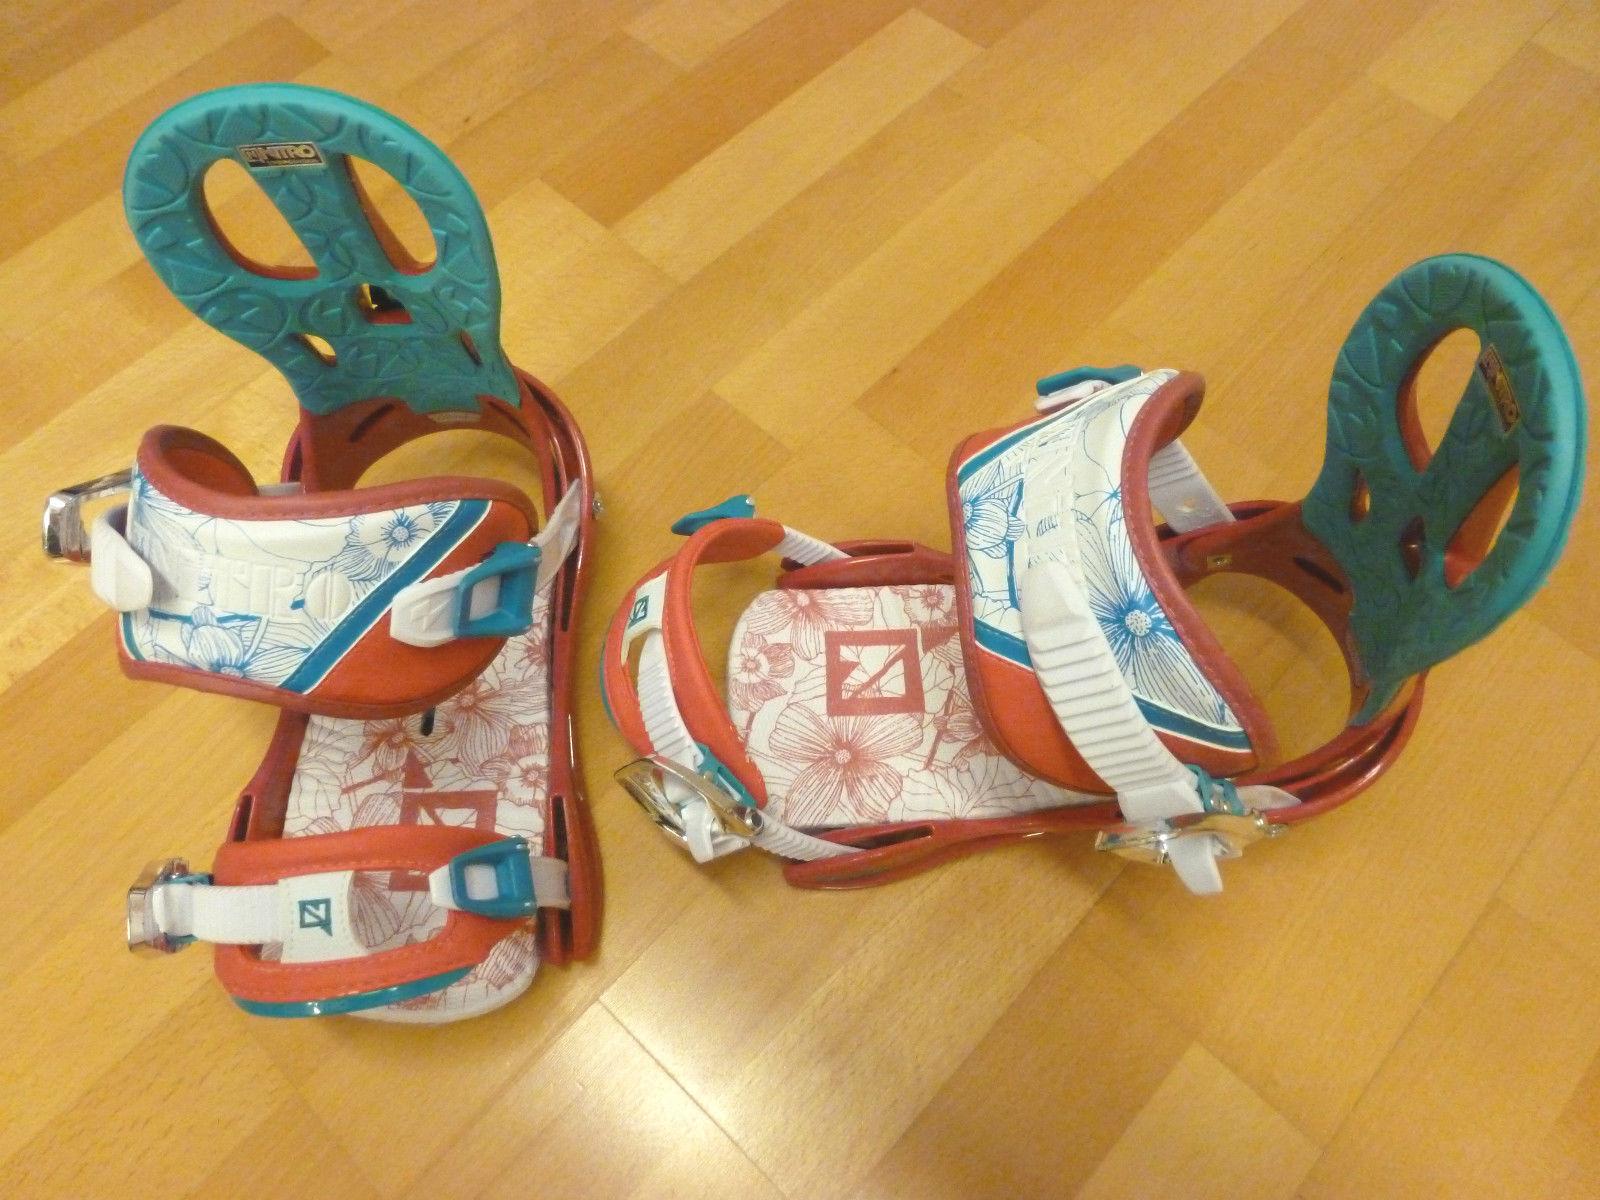 Rythm rubin Snowboard Bindung Damen Nitro 2014 gerbaucht